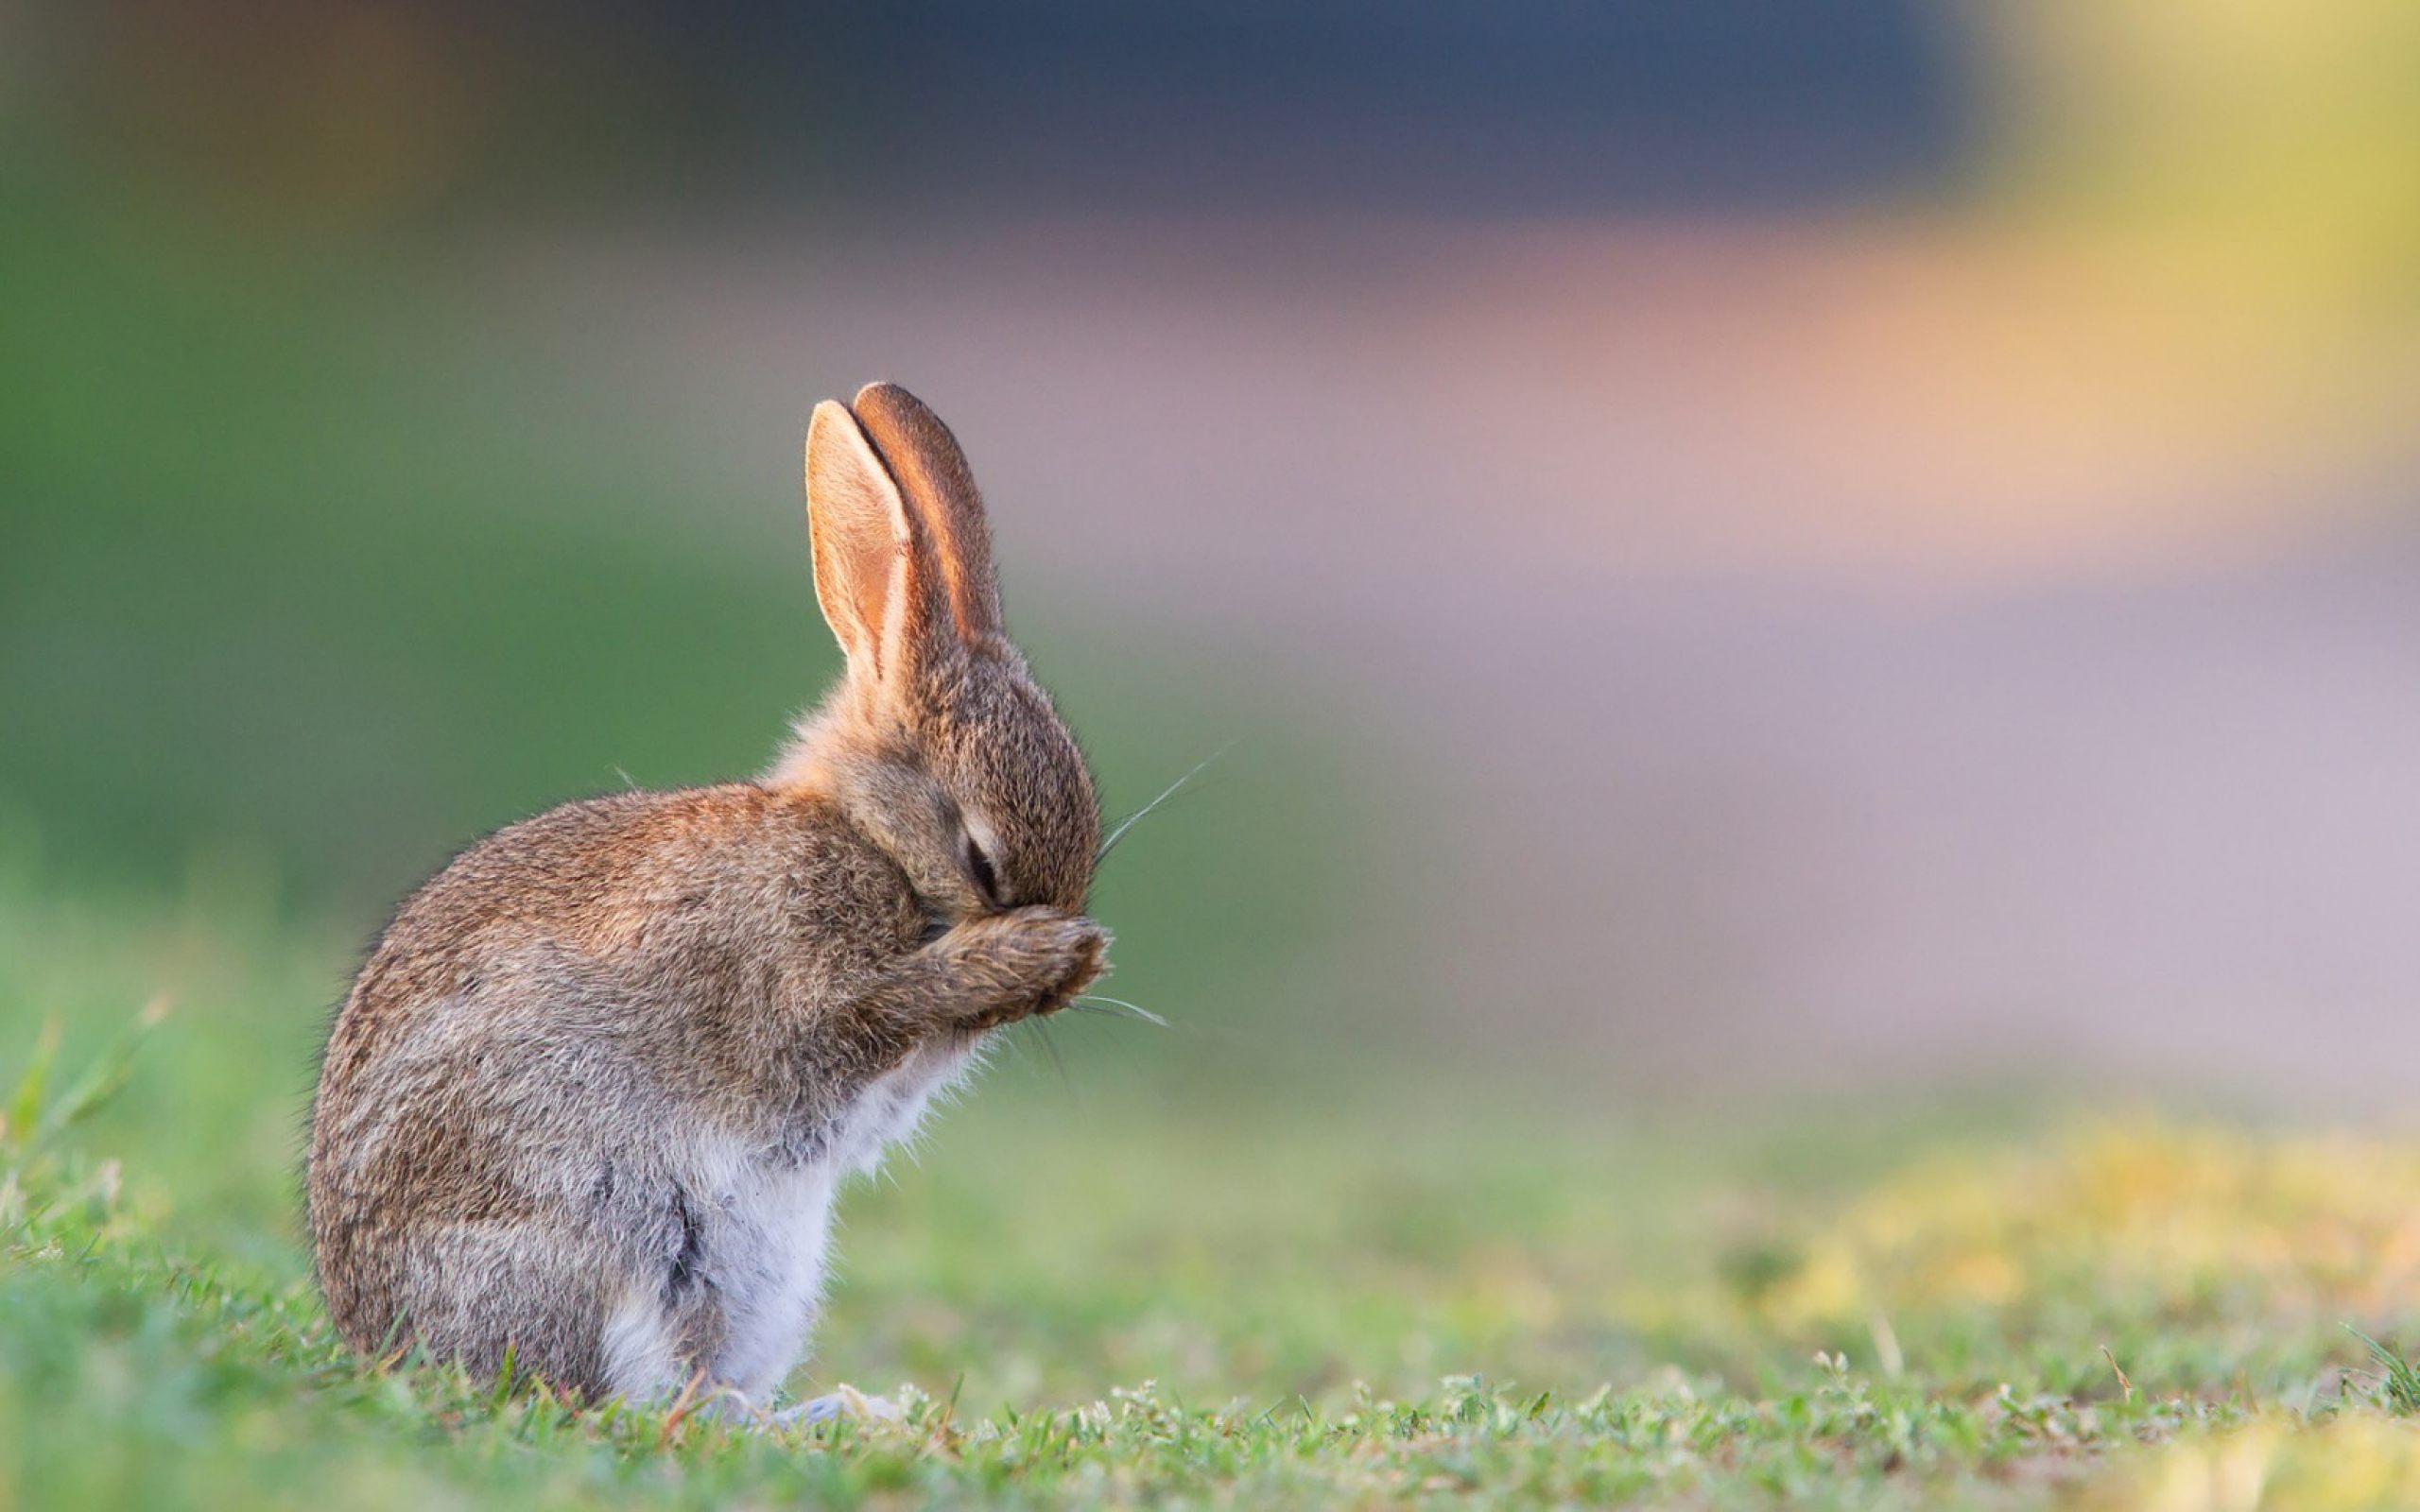 Az állat nem játék – ezért ne fogadj örökbe nyulat húsvétra!